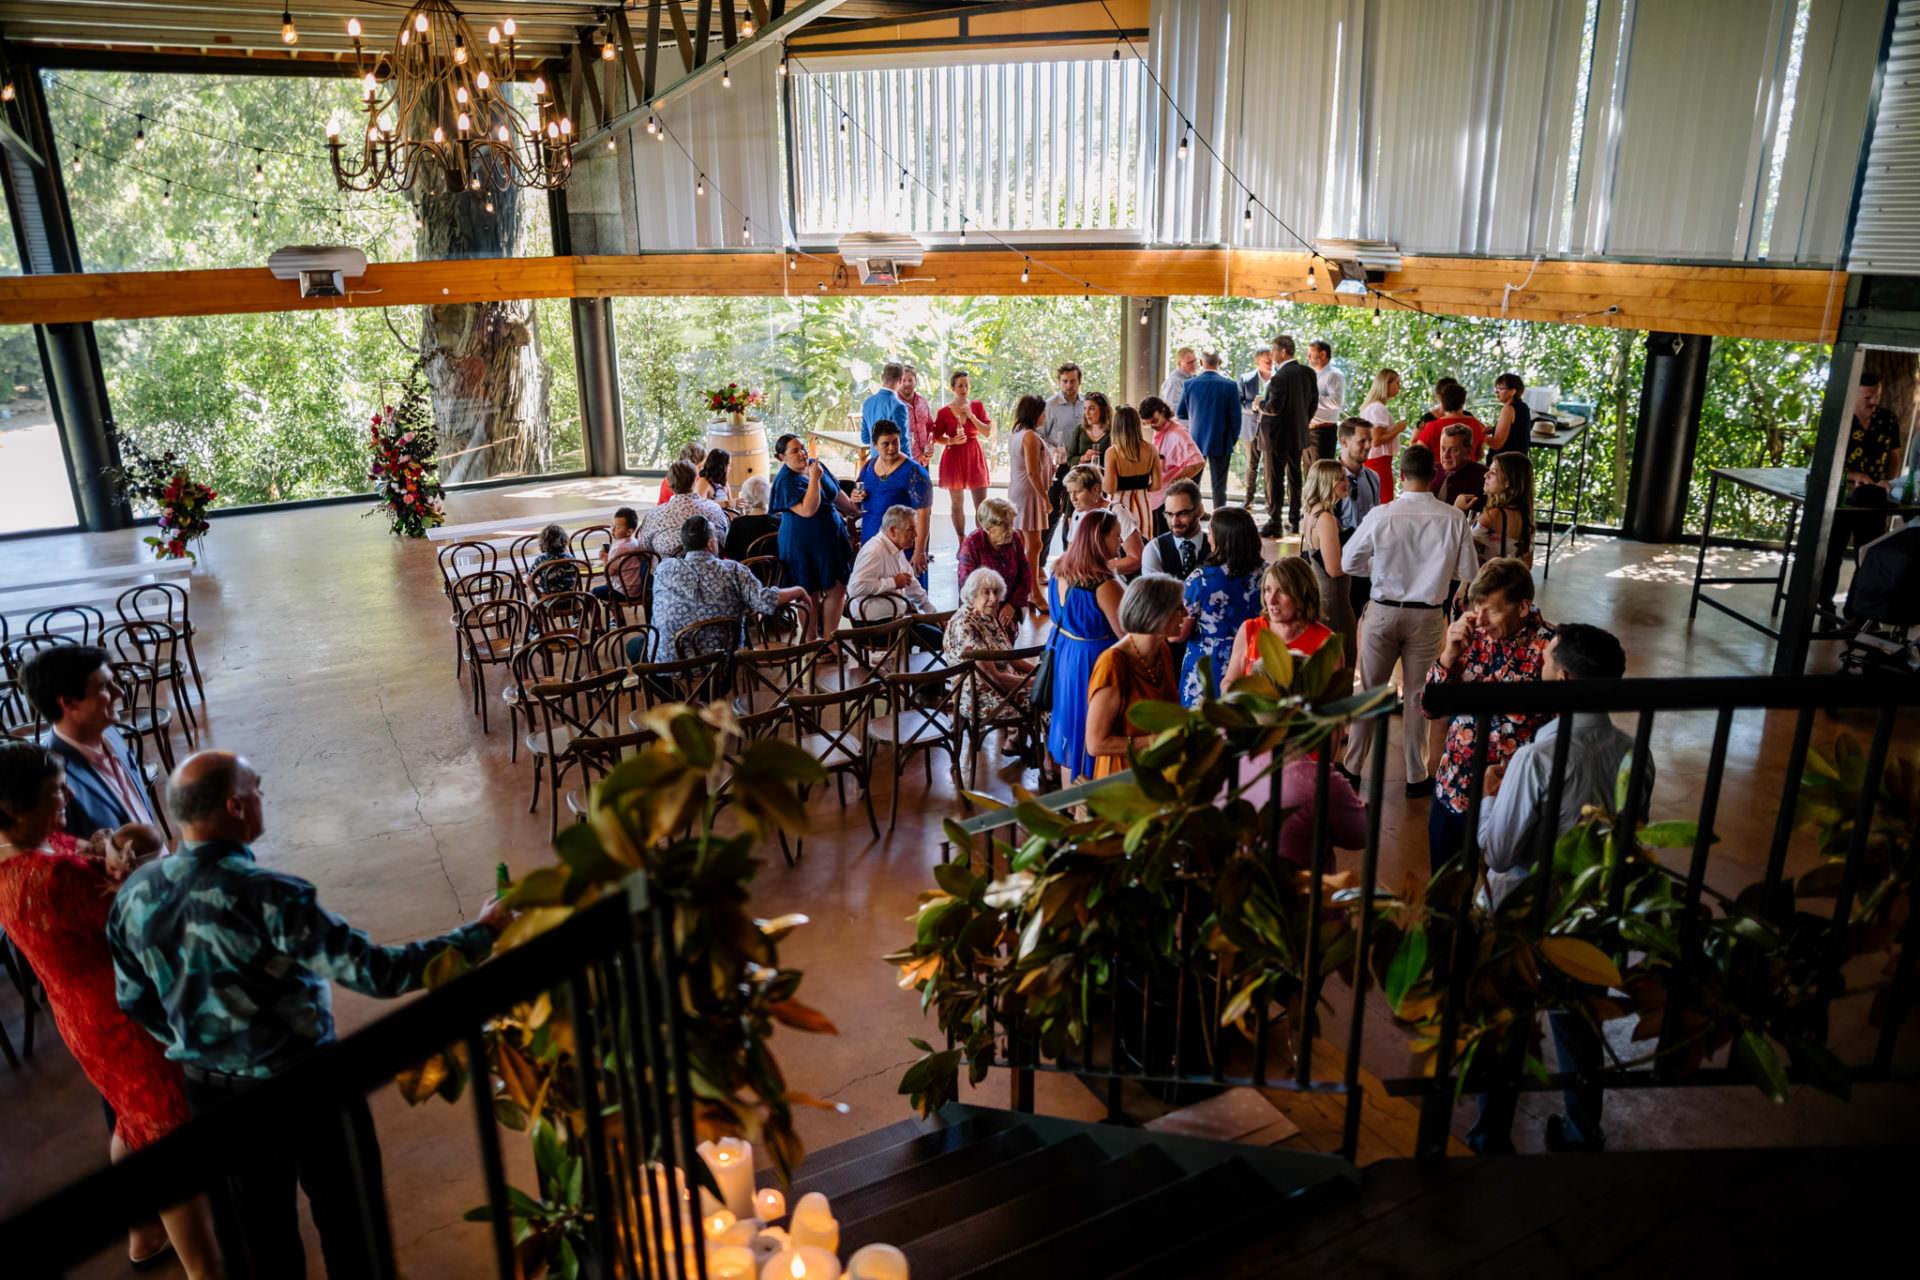 Narrows Landing Wedding Venue indoor Ceremony